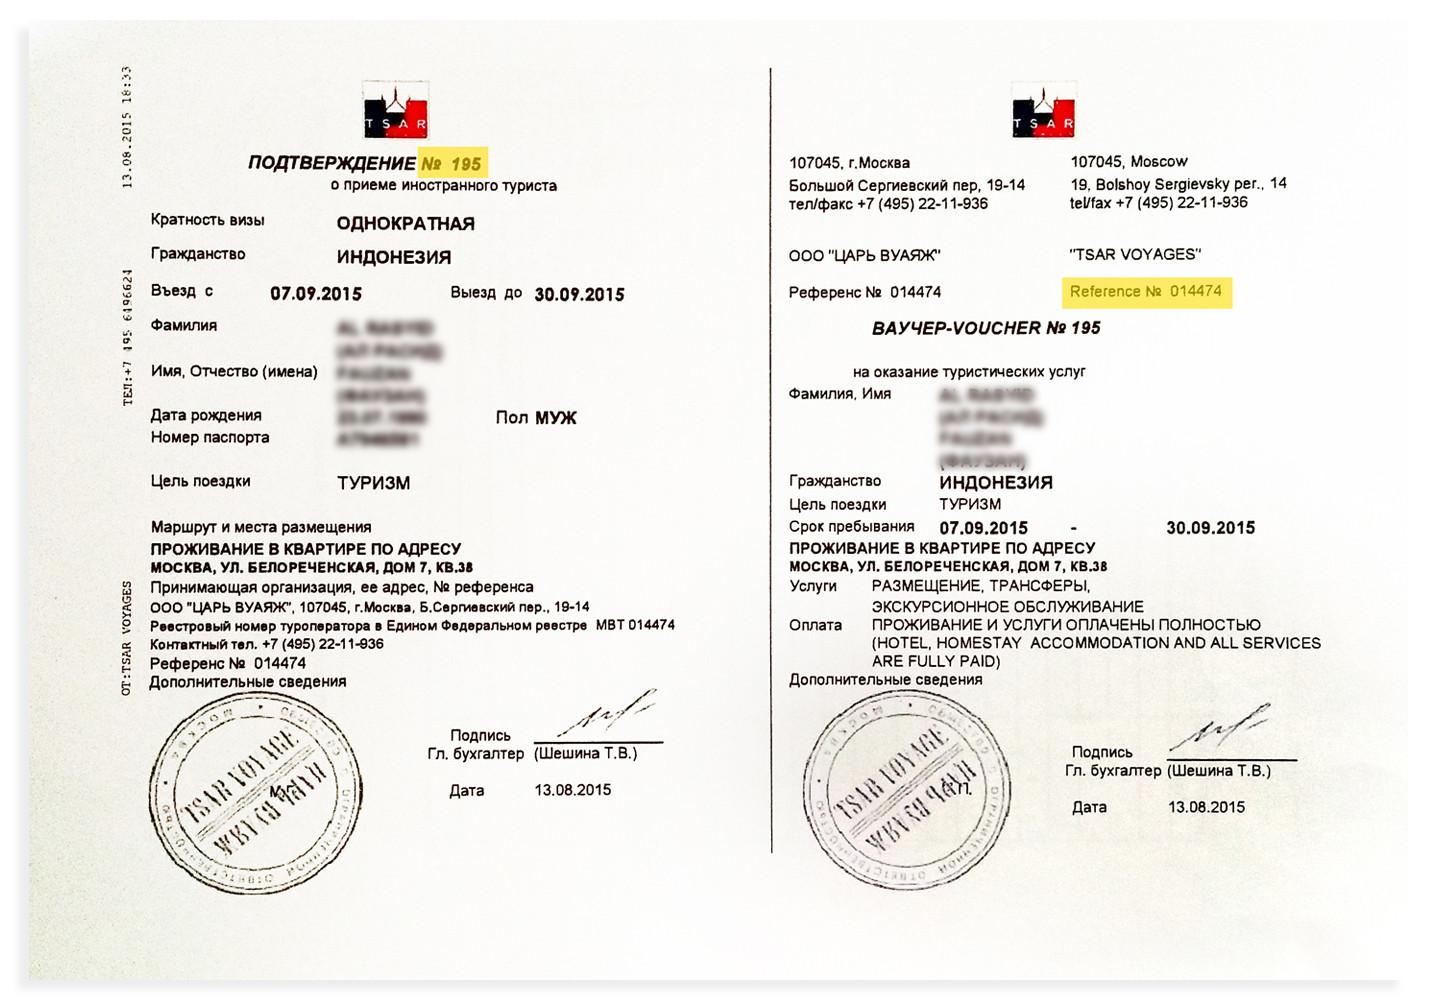 Contoh dokumen penginapan yang dikeluarkan biro perjalanan resmi di Rusia. Dokumen ini memuat kode referensi (014474) dan nomor konfirmasi (195). Pastikan bahwa dokumen yang dikeluarkan harus ditulis dalam bahasa Rusia.